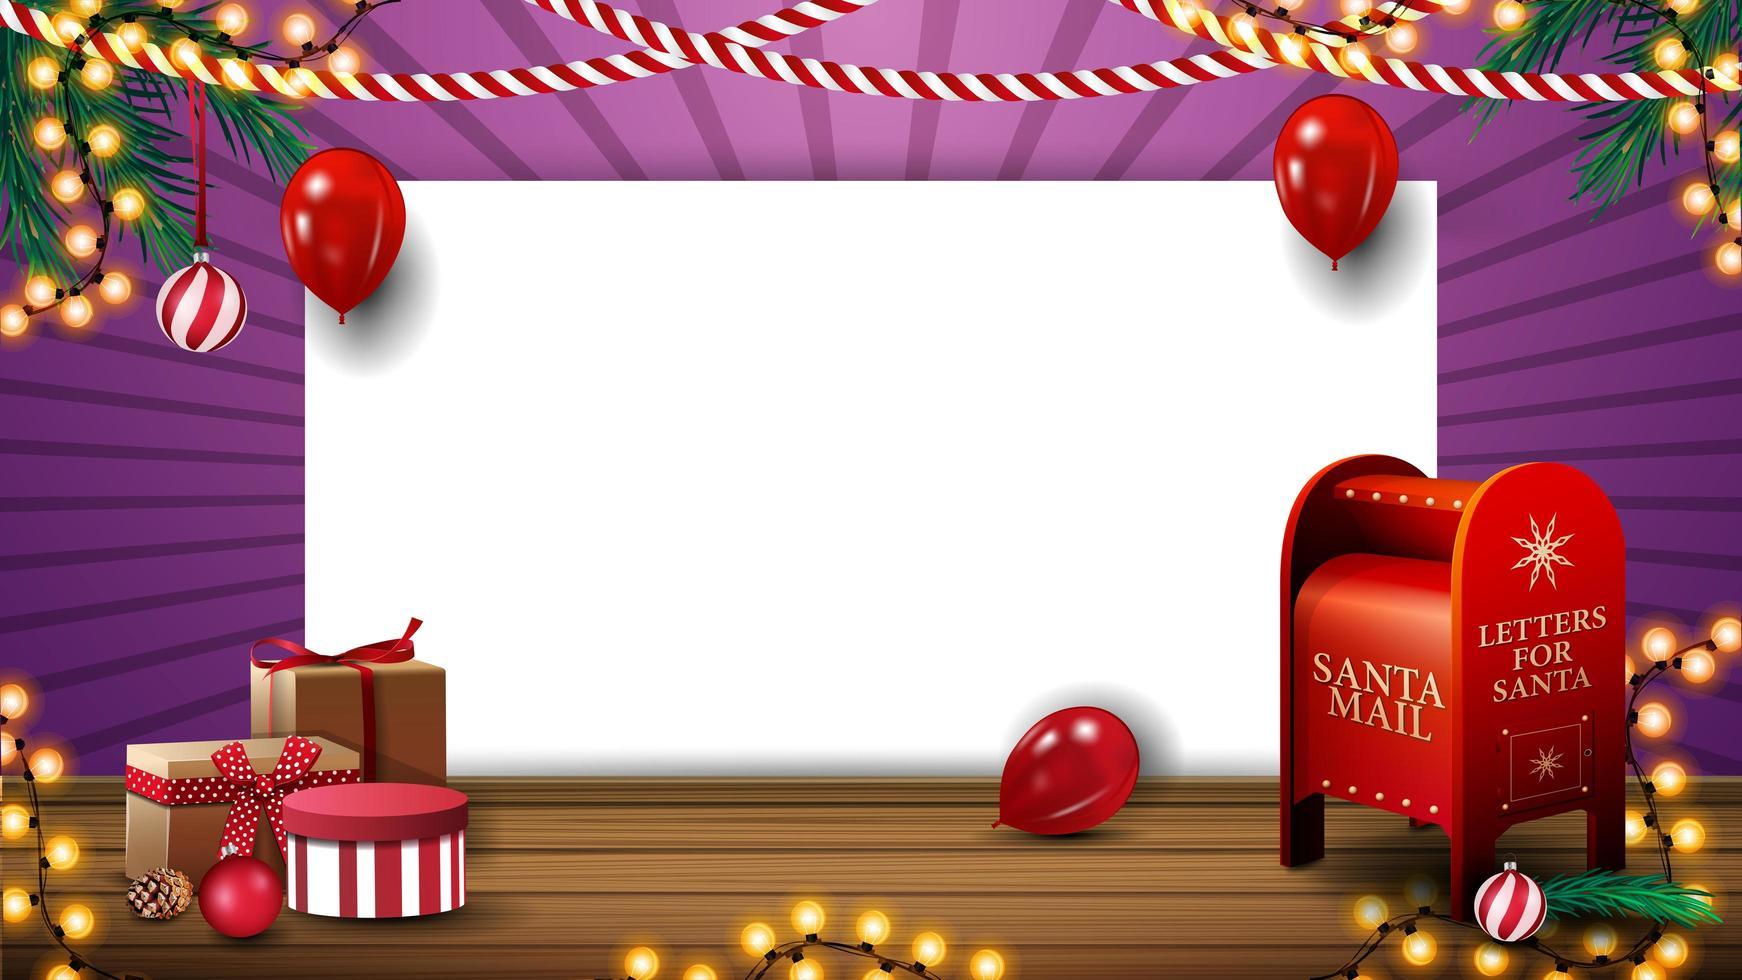 modèle de Noël pour votre créativité avec une feuille de papier vierge blanche, des ballons, des guirlandes, des cadeaux et une boîte aux lettres du père Noël vecteur